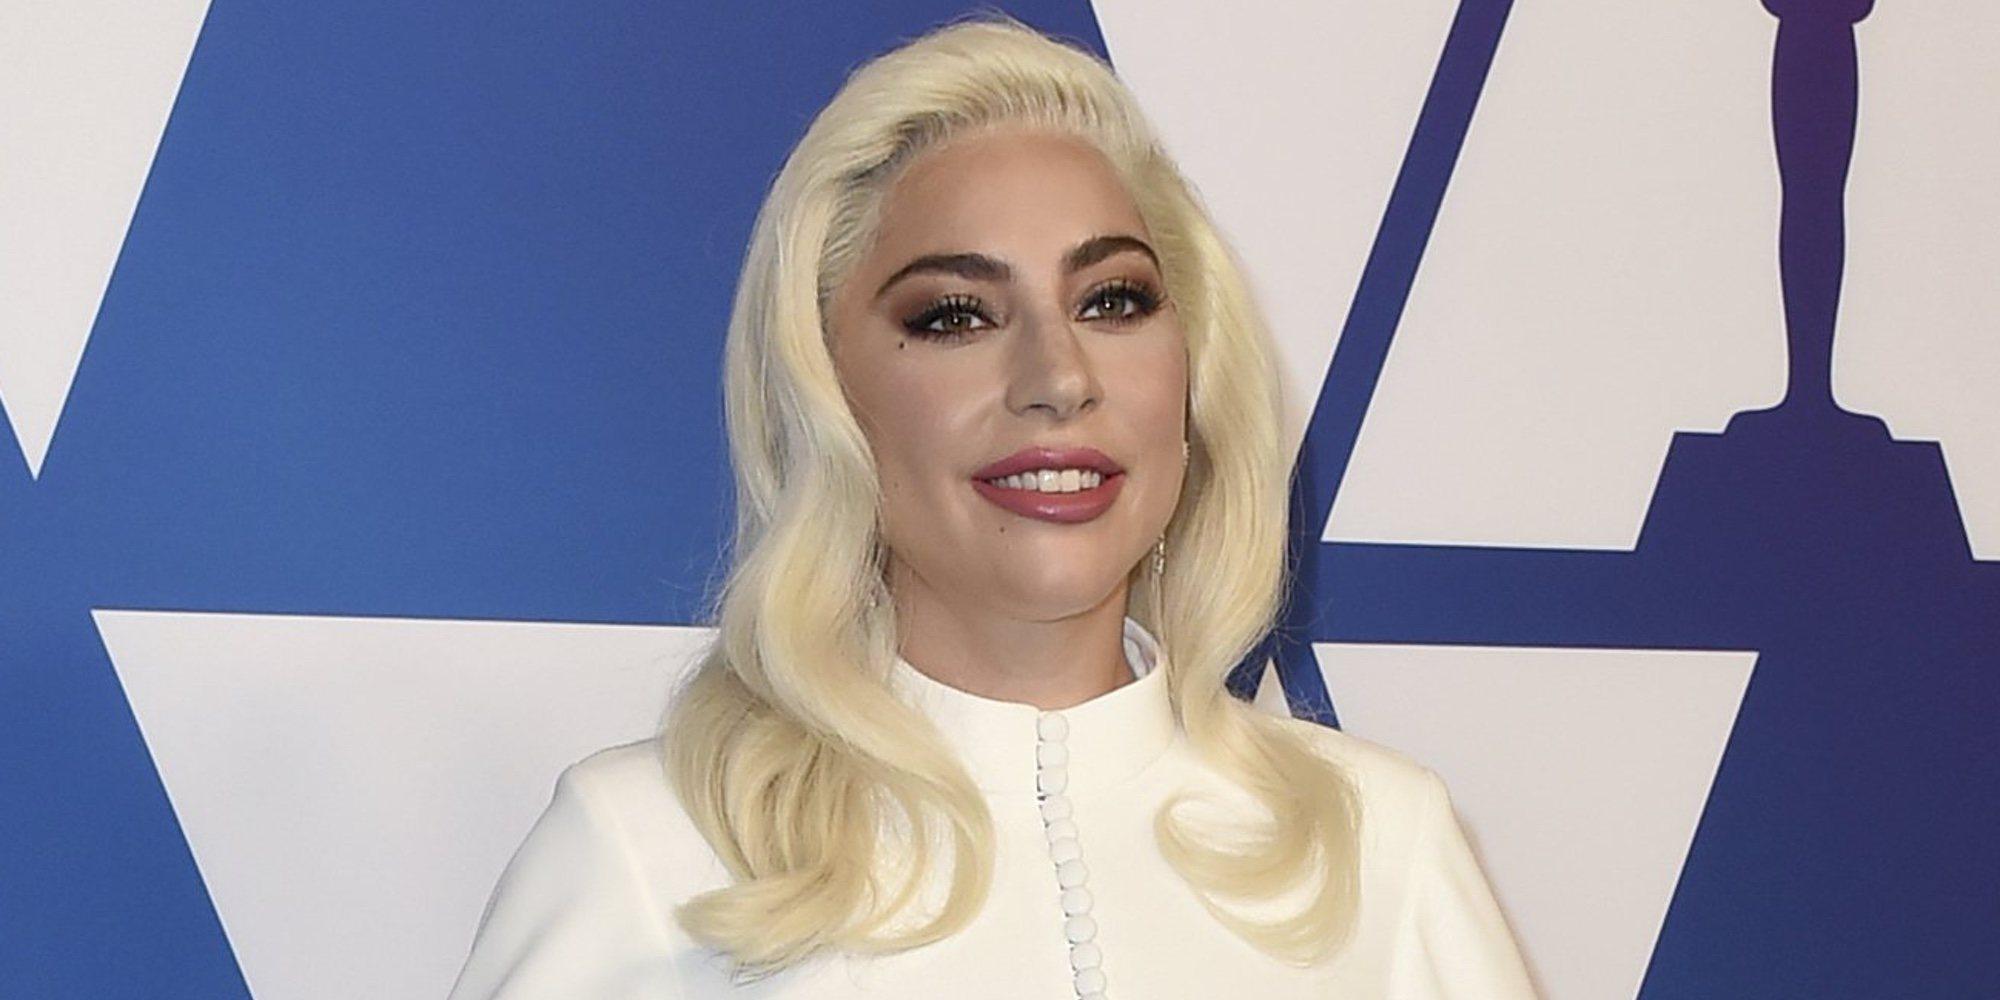 Lady Gaga comienza 2020 besando apasionadamente a un misterioso hombre en Las Vegas